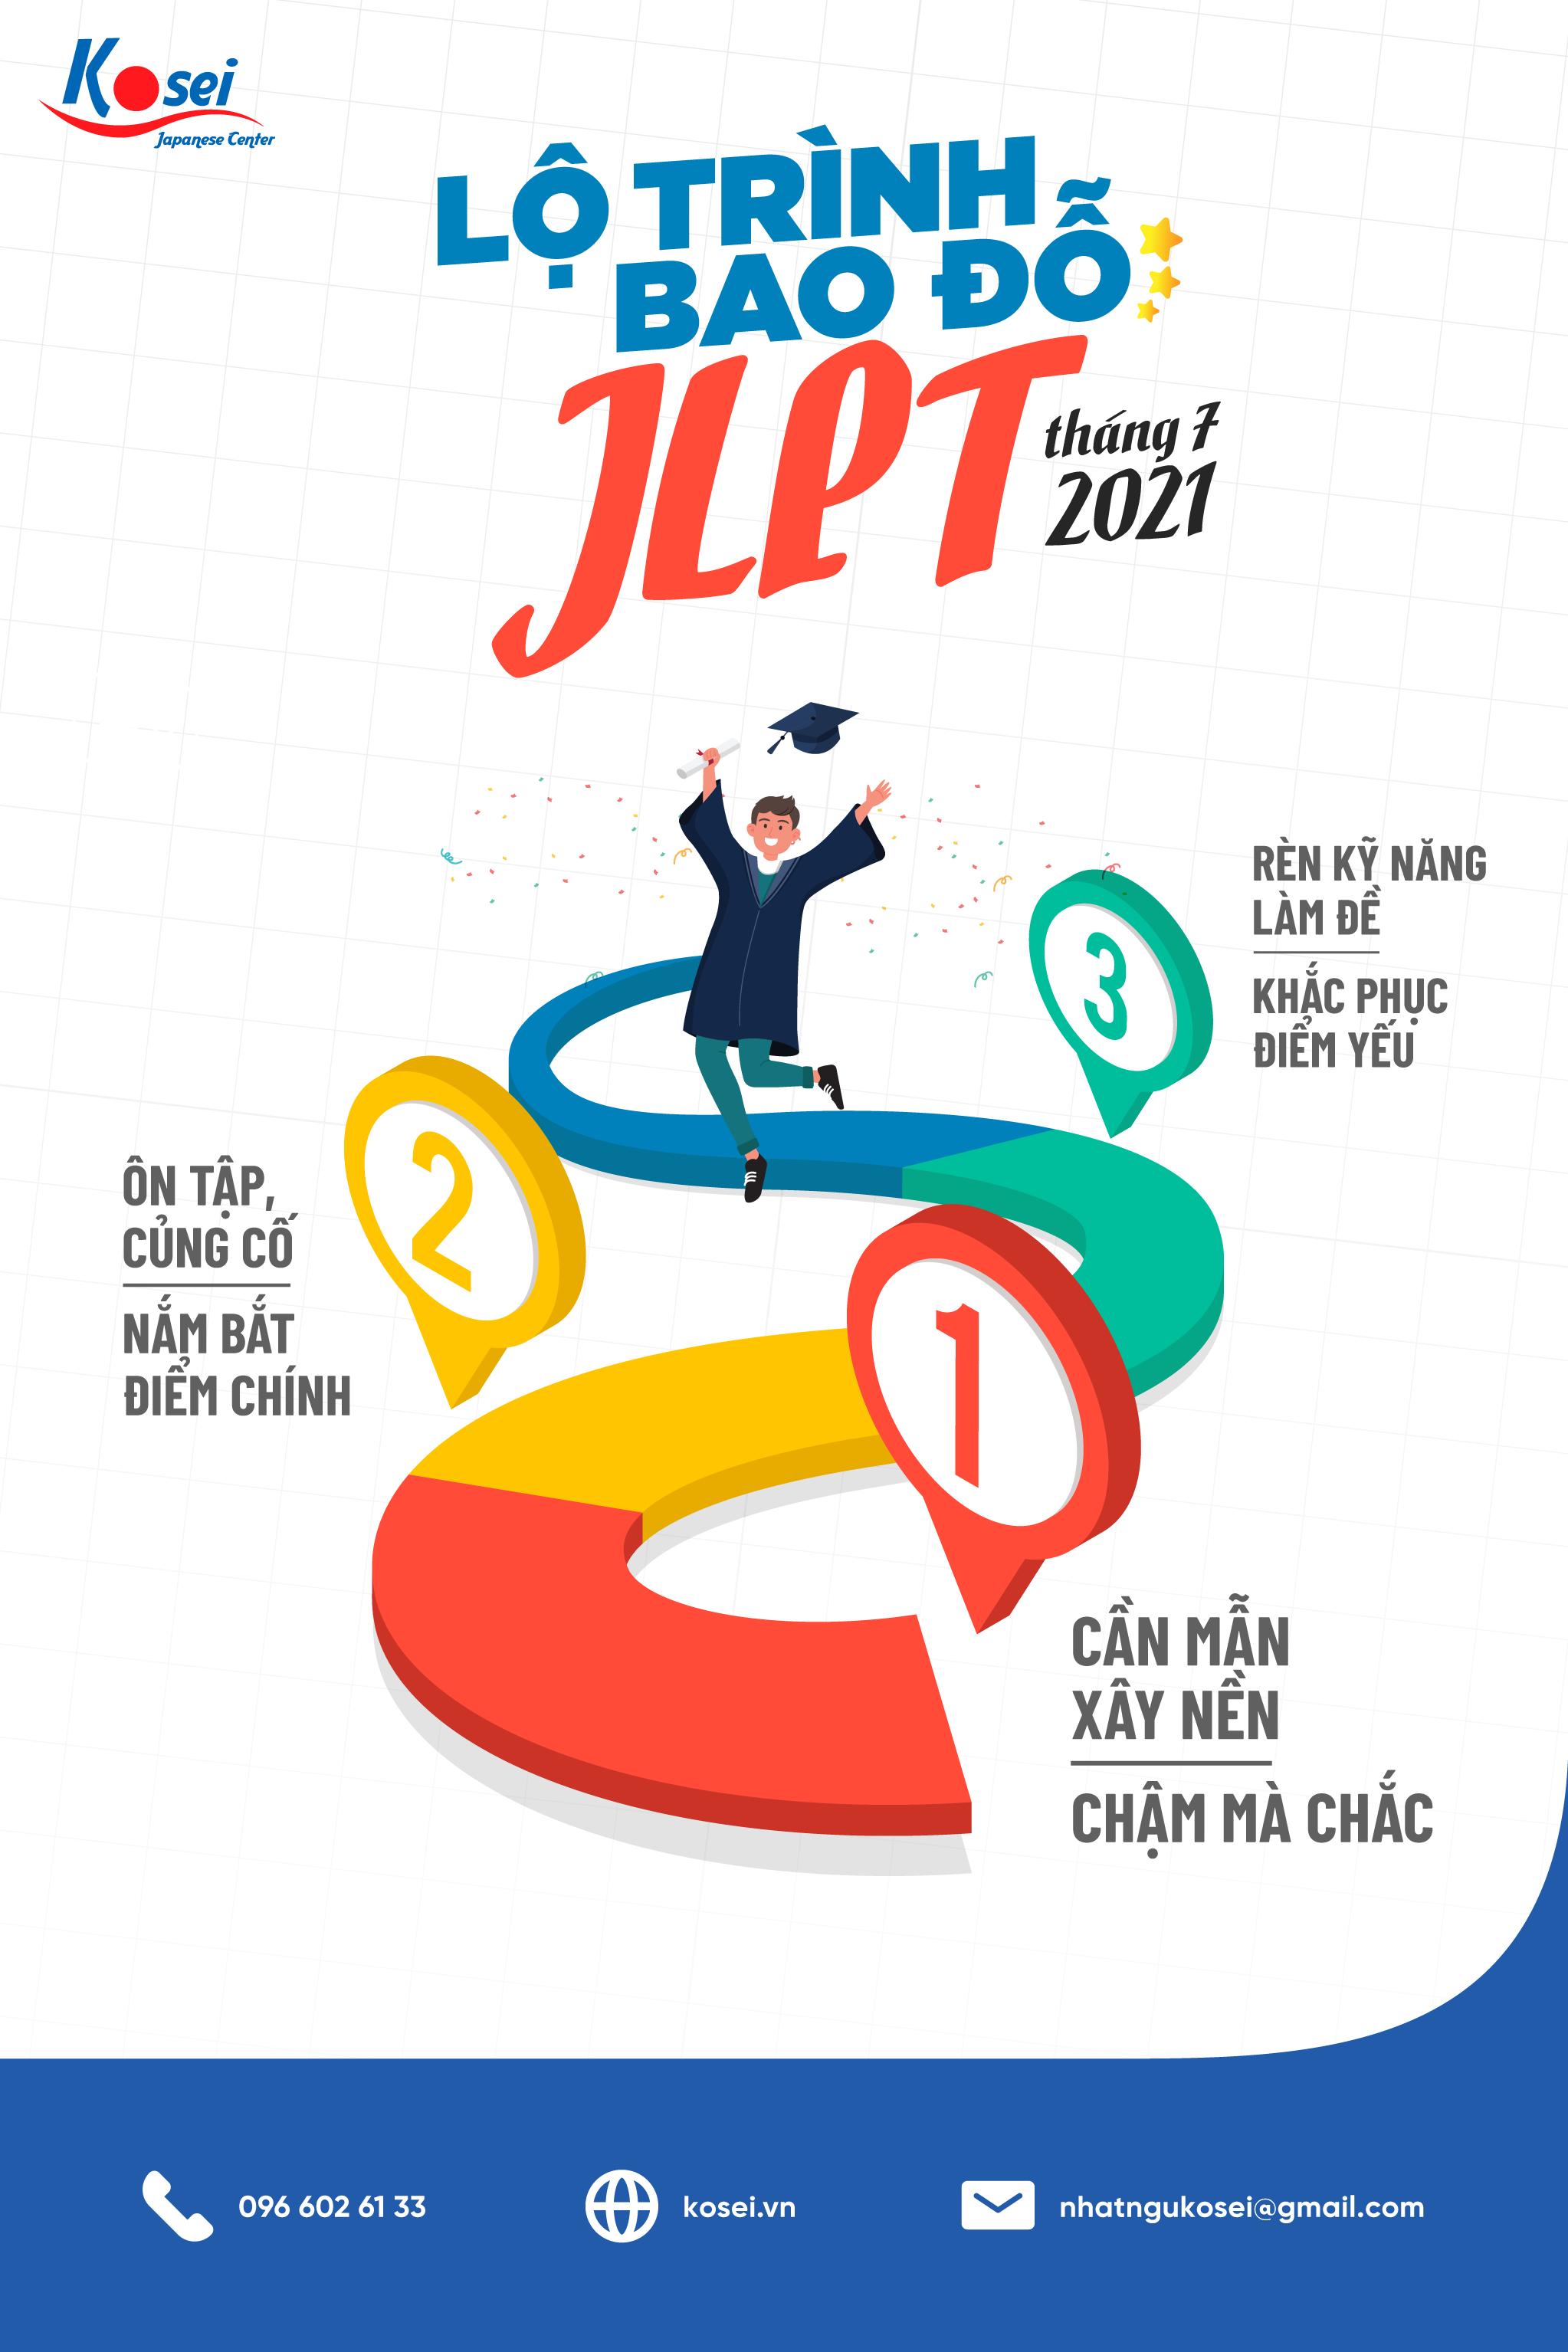 lộ trình bao đỗ jlpt kỳ tháng 7/2021